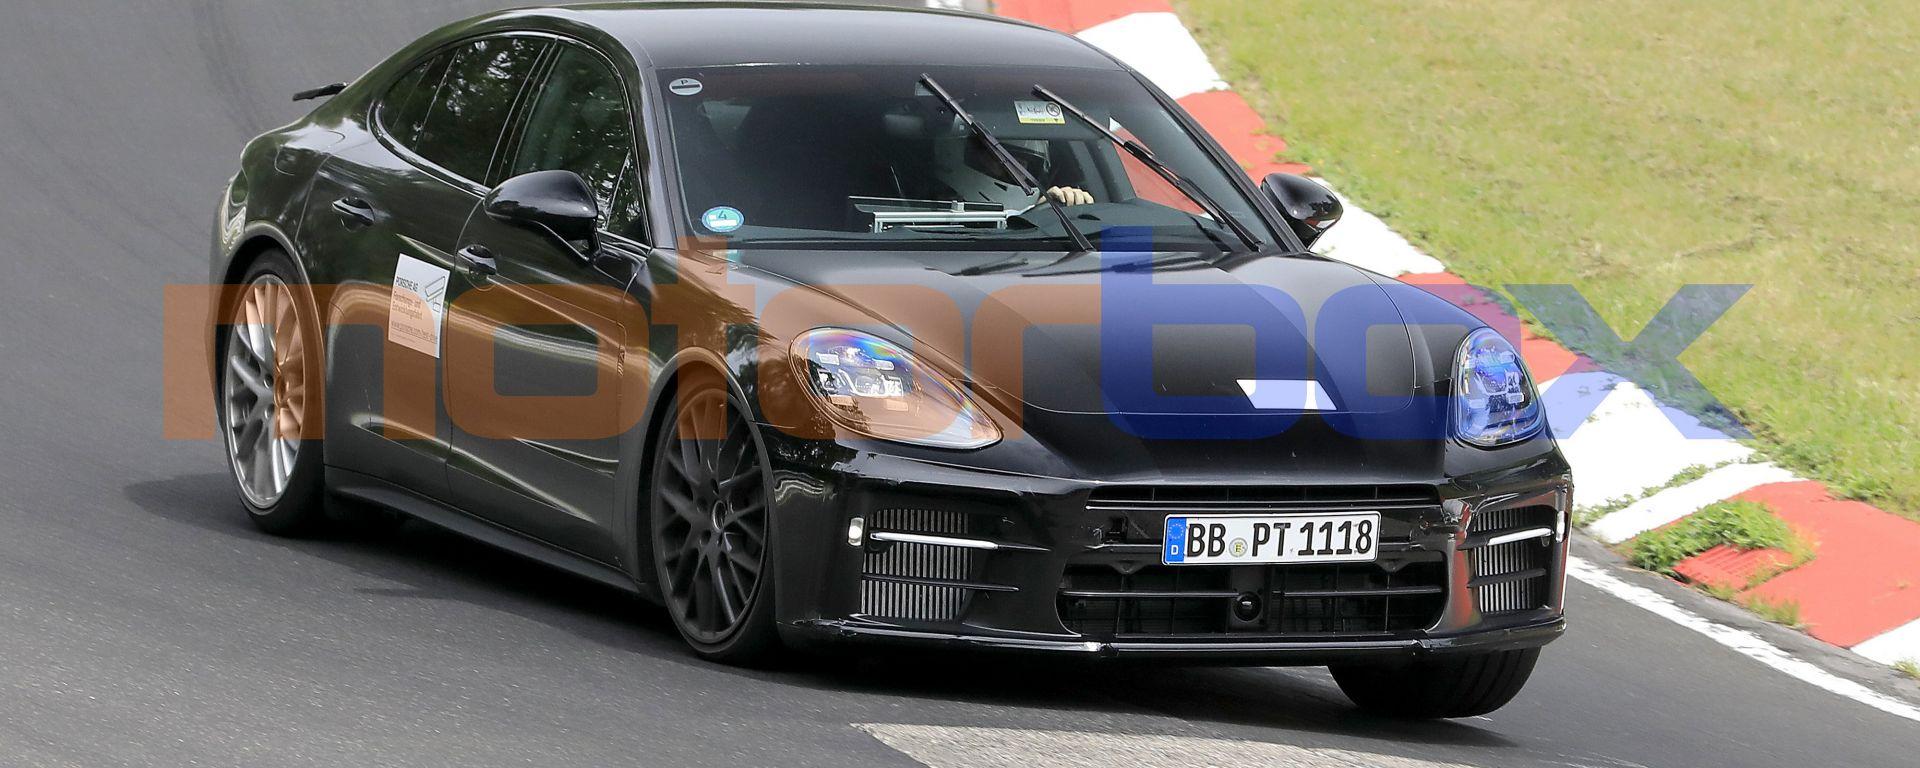 Nuova Porsche Panamera: è già ora di facelift?